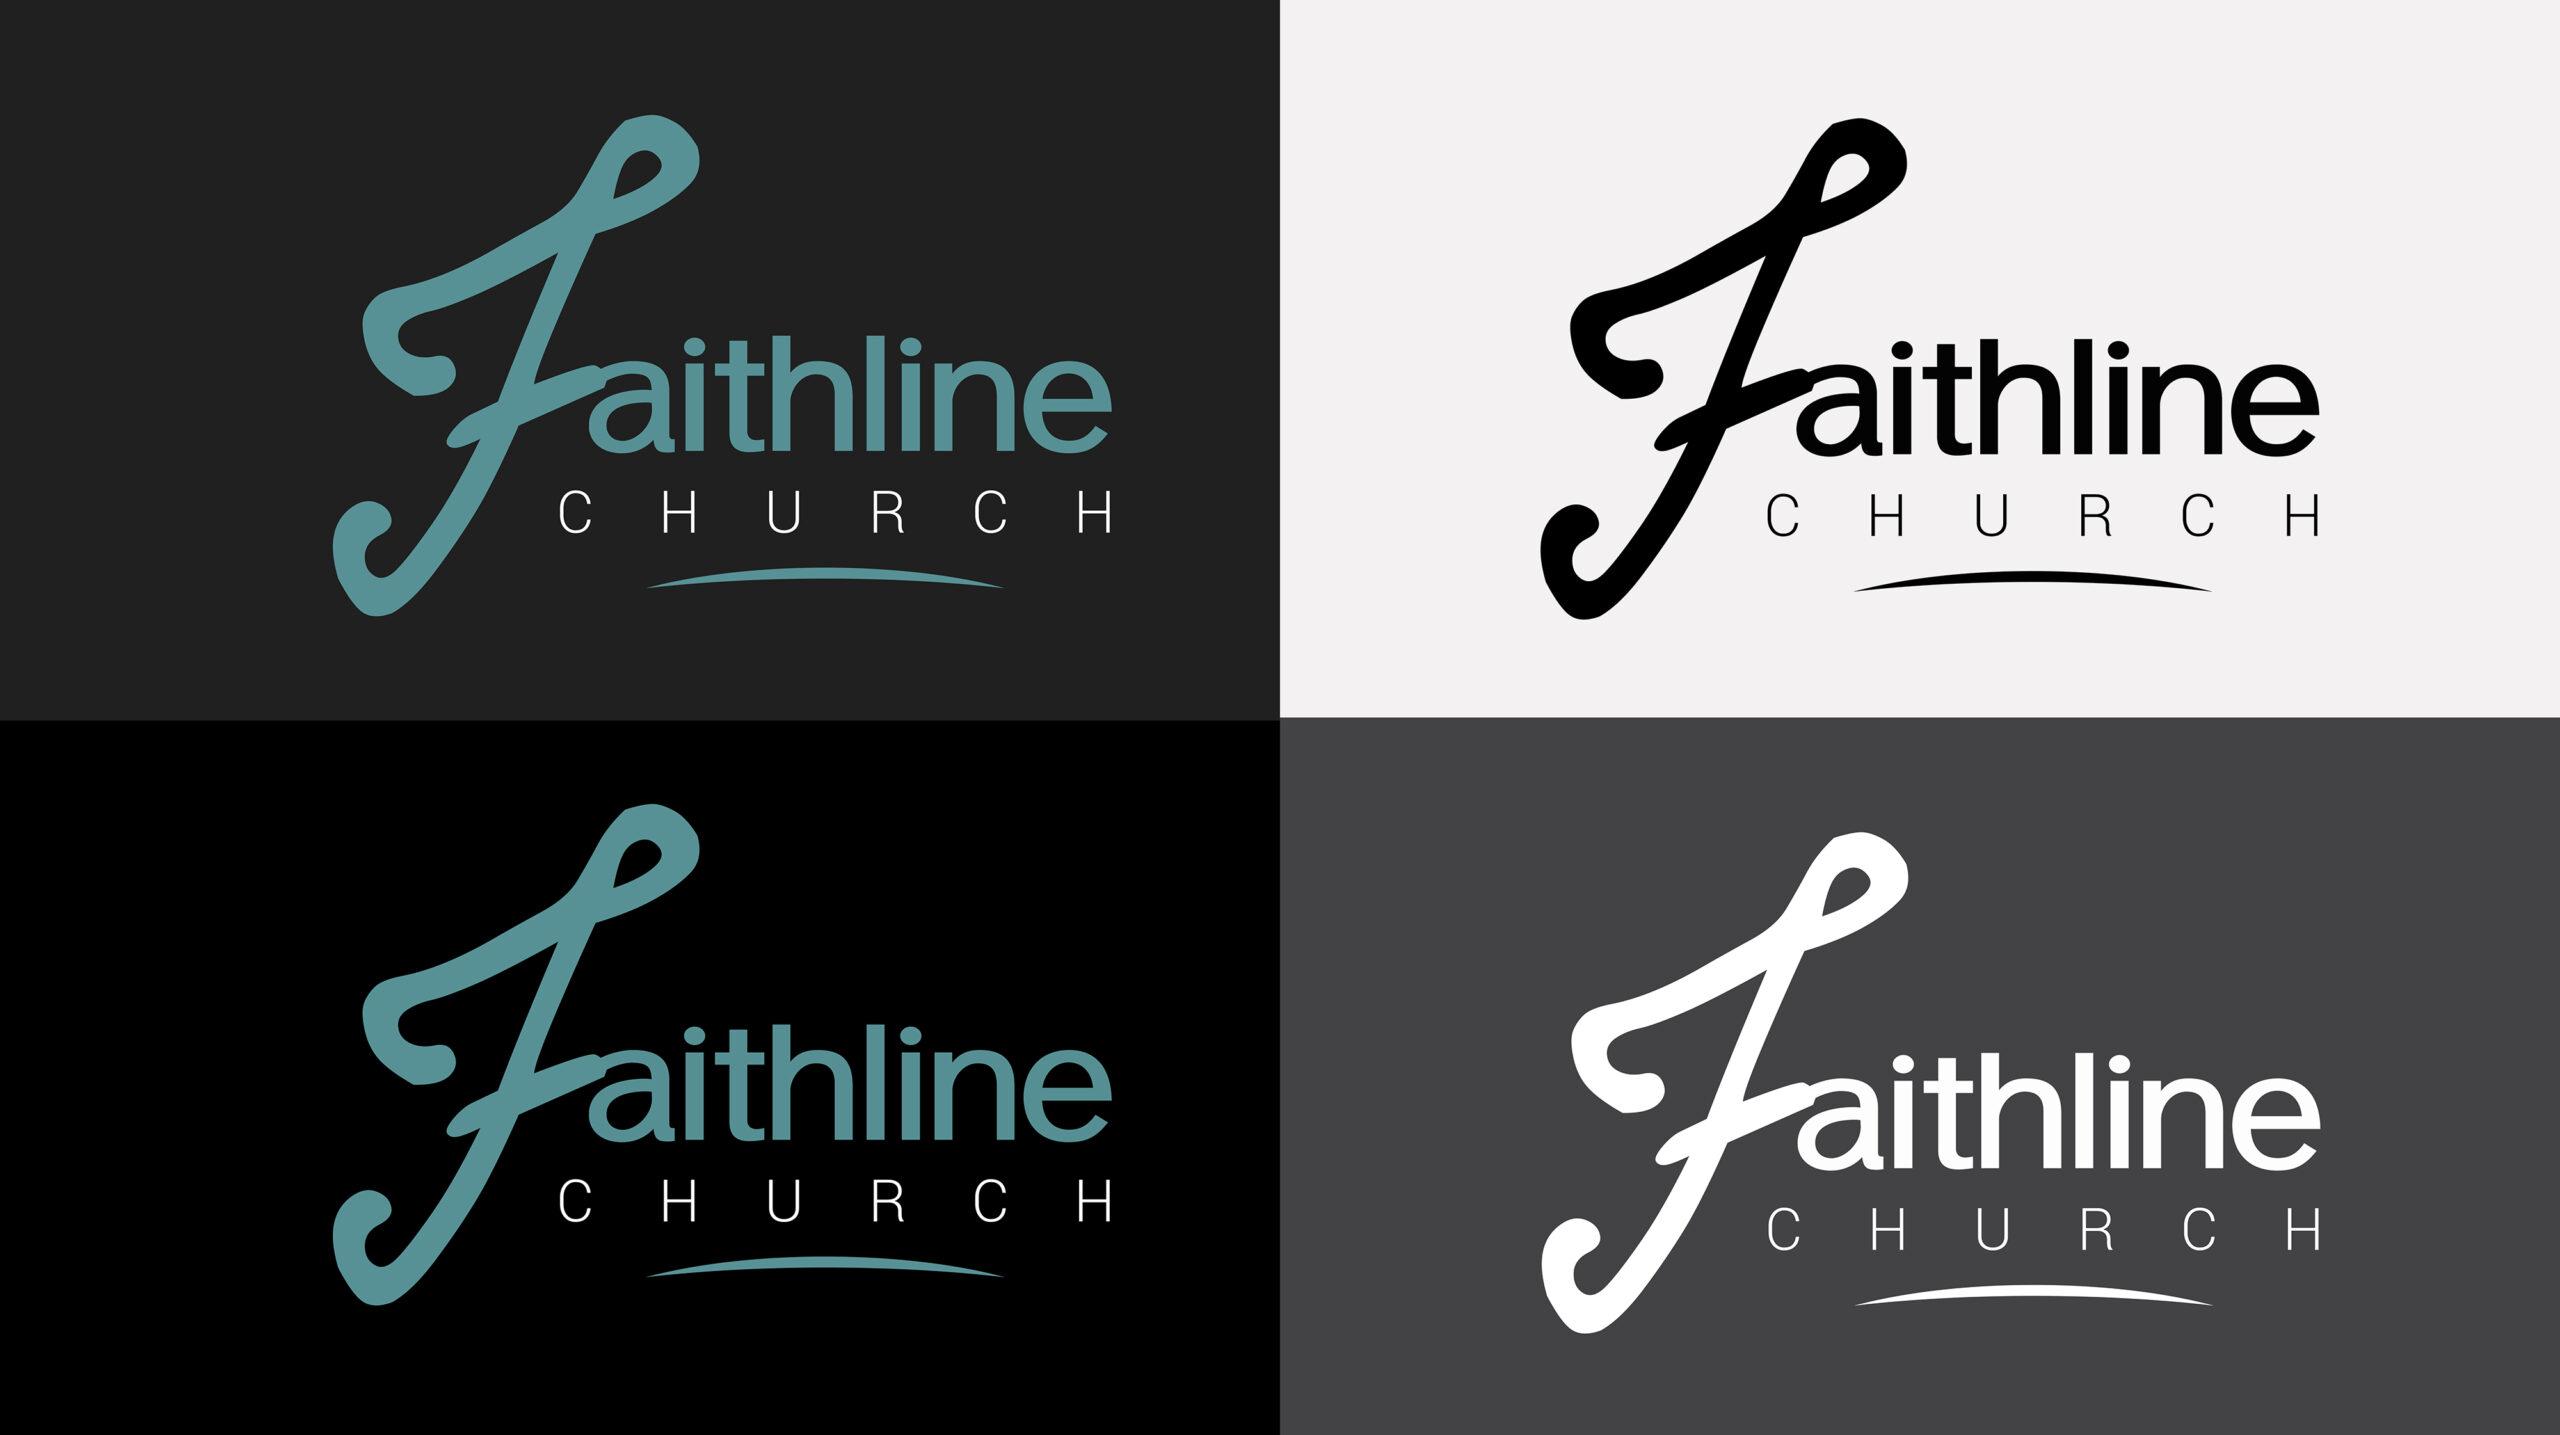 faithline-church-logo-variants